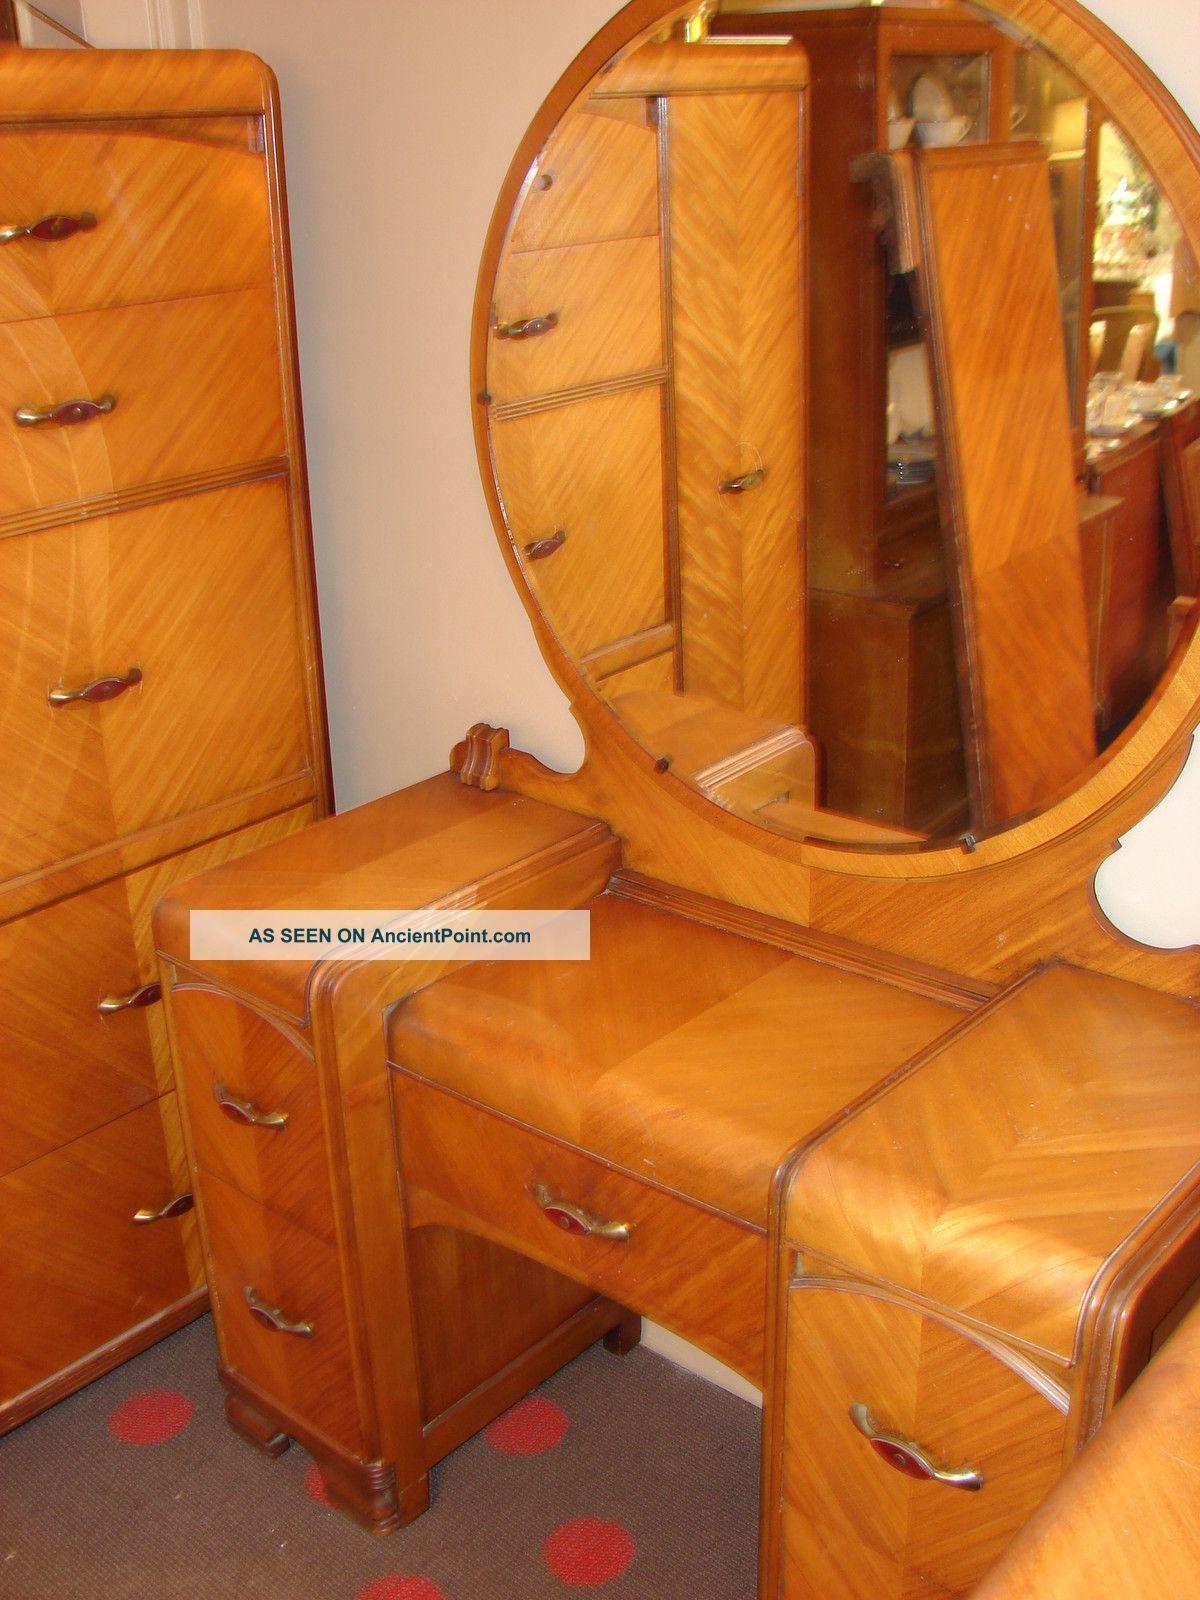 1930s Bedroom Furniture : 1930s, bedroom, furniture, Waterfall, Bedroom, Suite, Pieces, Antique, Bedroom,, Furniture,